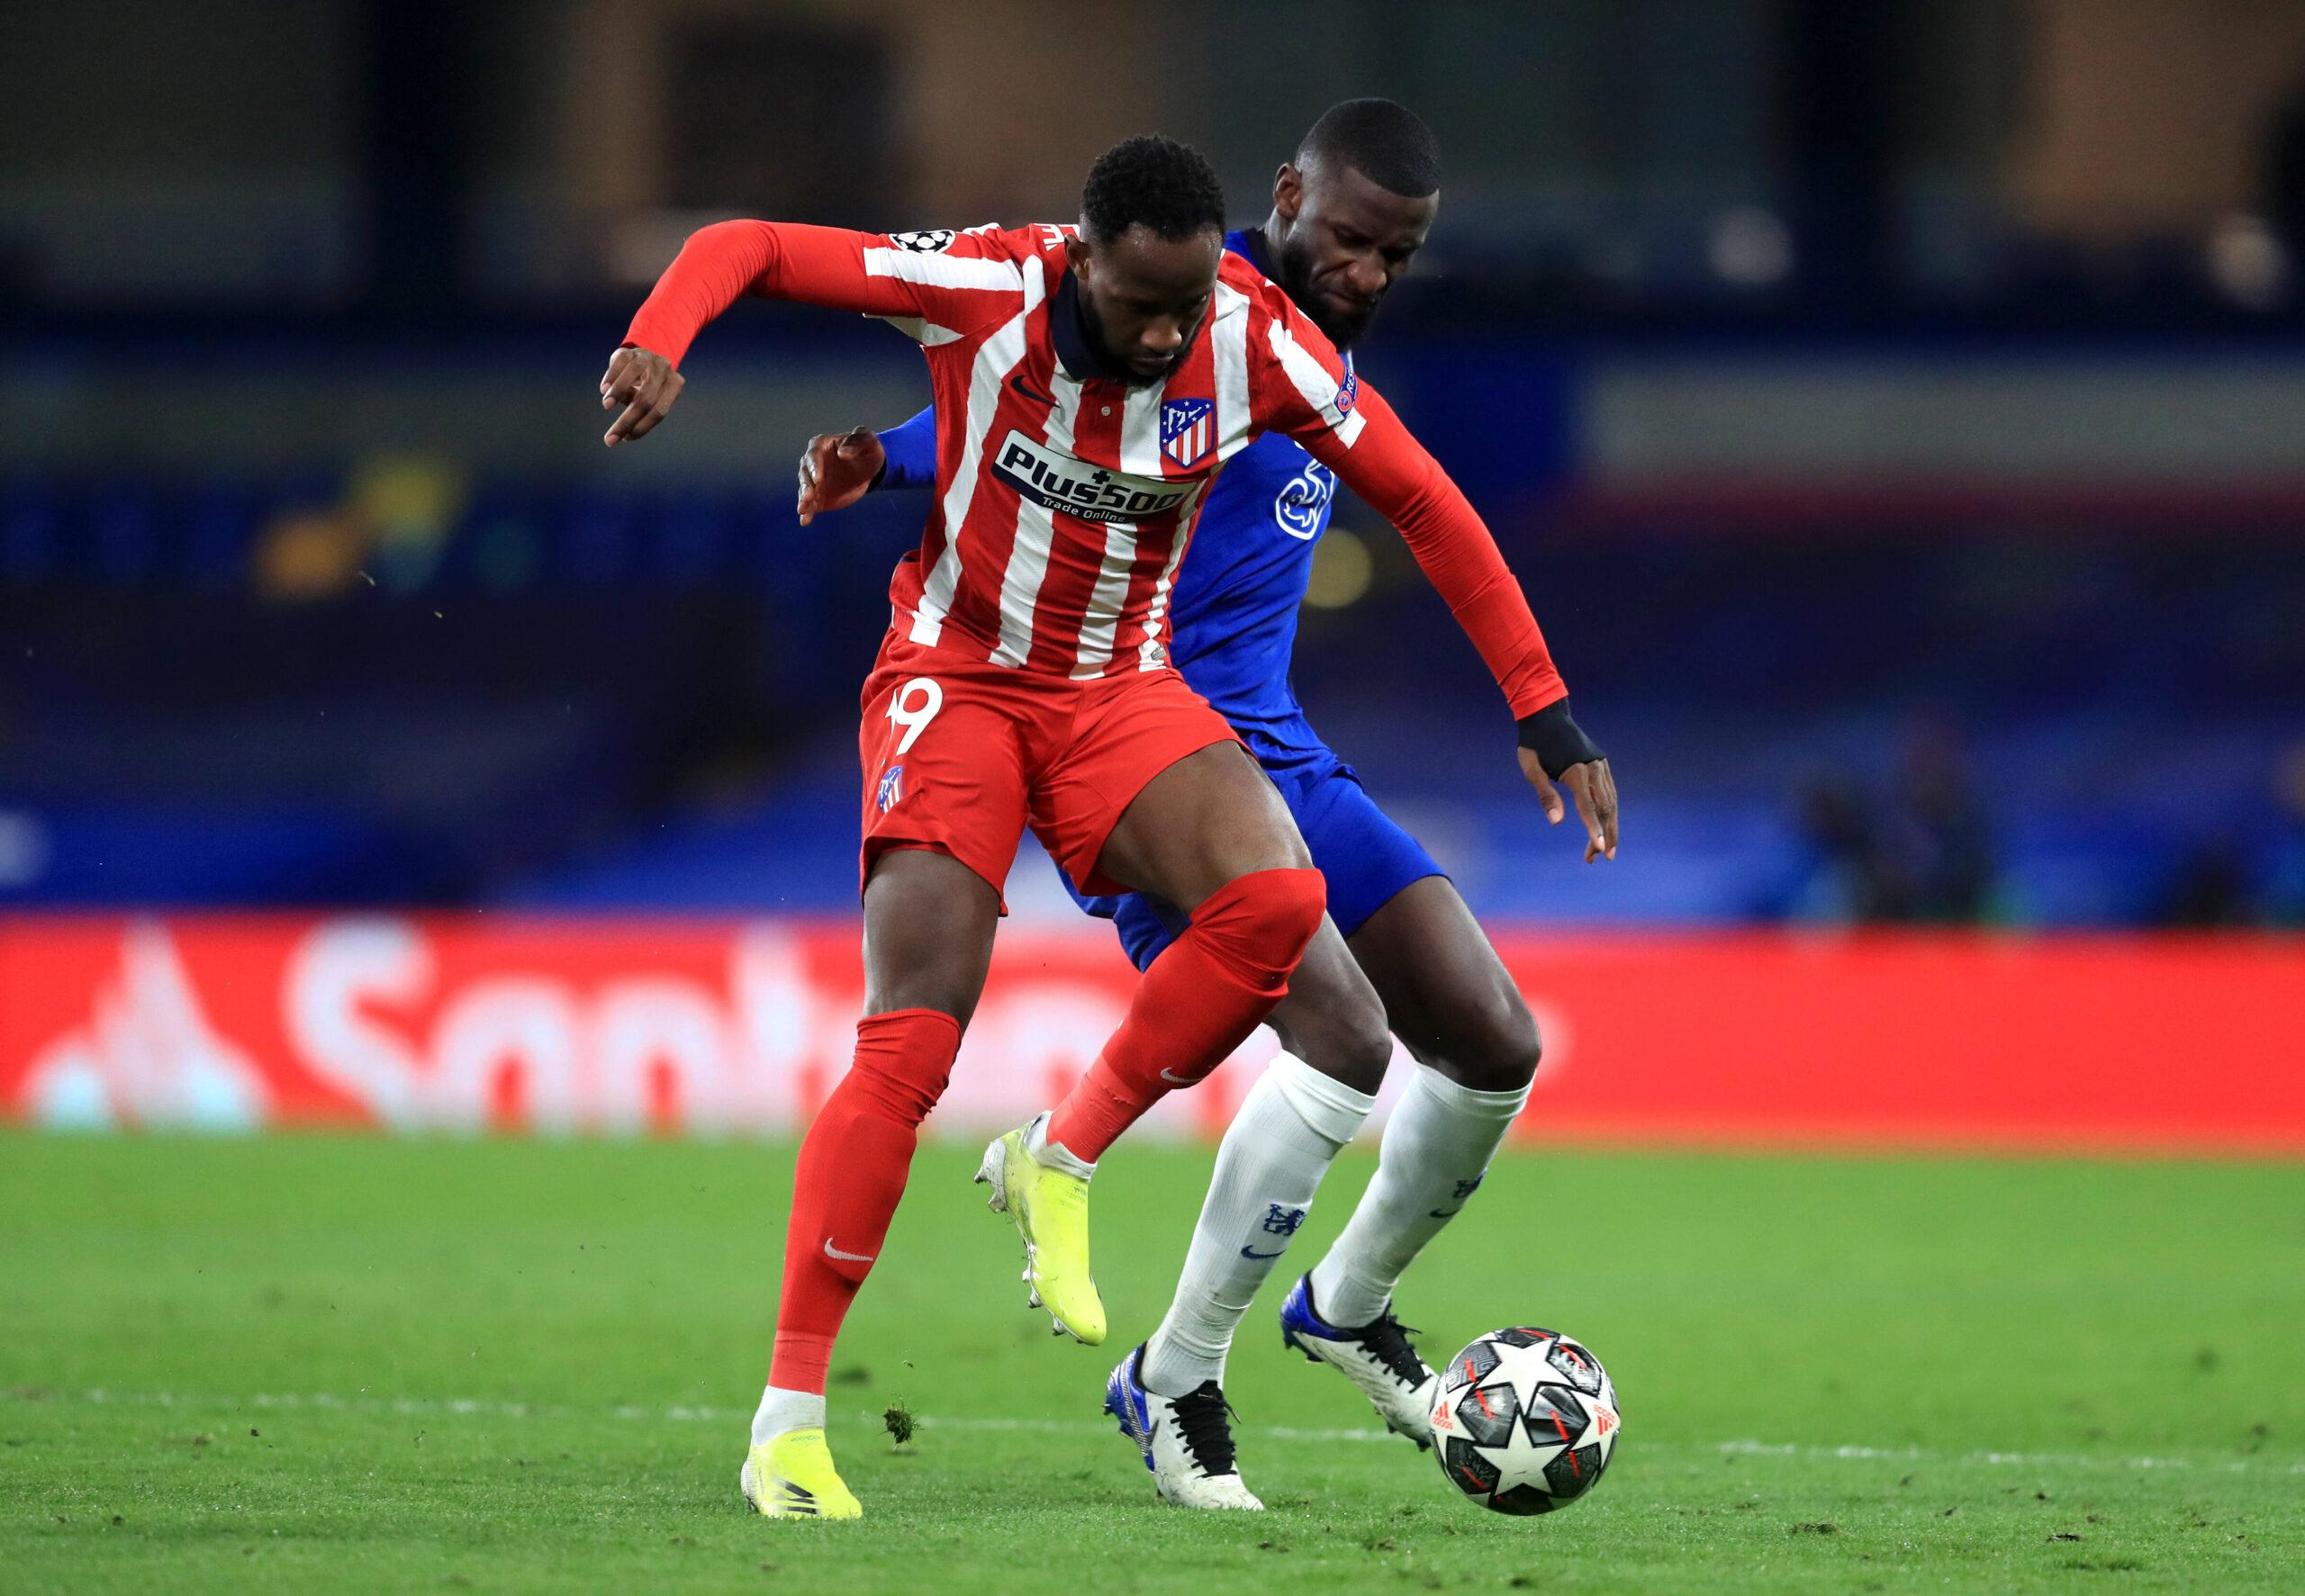 El delantero , Moussa Dembelé, se recuperó y fue a la ambulancia por su propio pie. Le harán pruebas en las próximas horas.